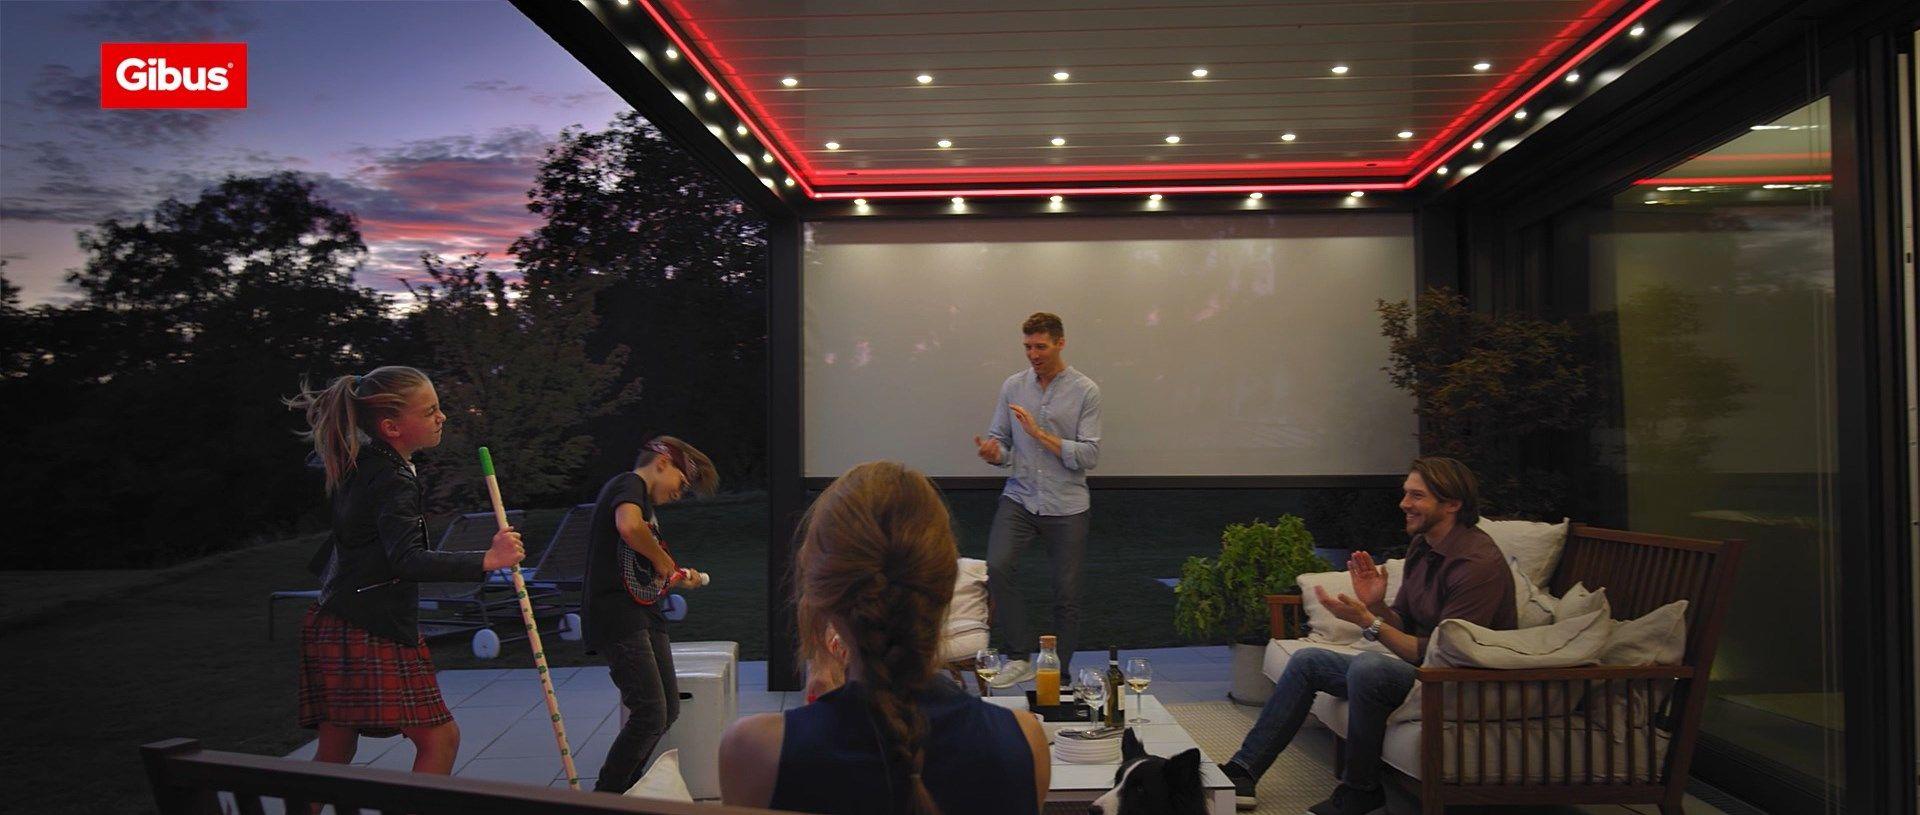 La nuova campagna televisiva Gibus punta sulla sinergia tra performance ed emozioni